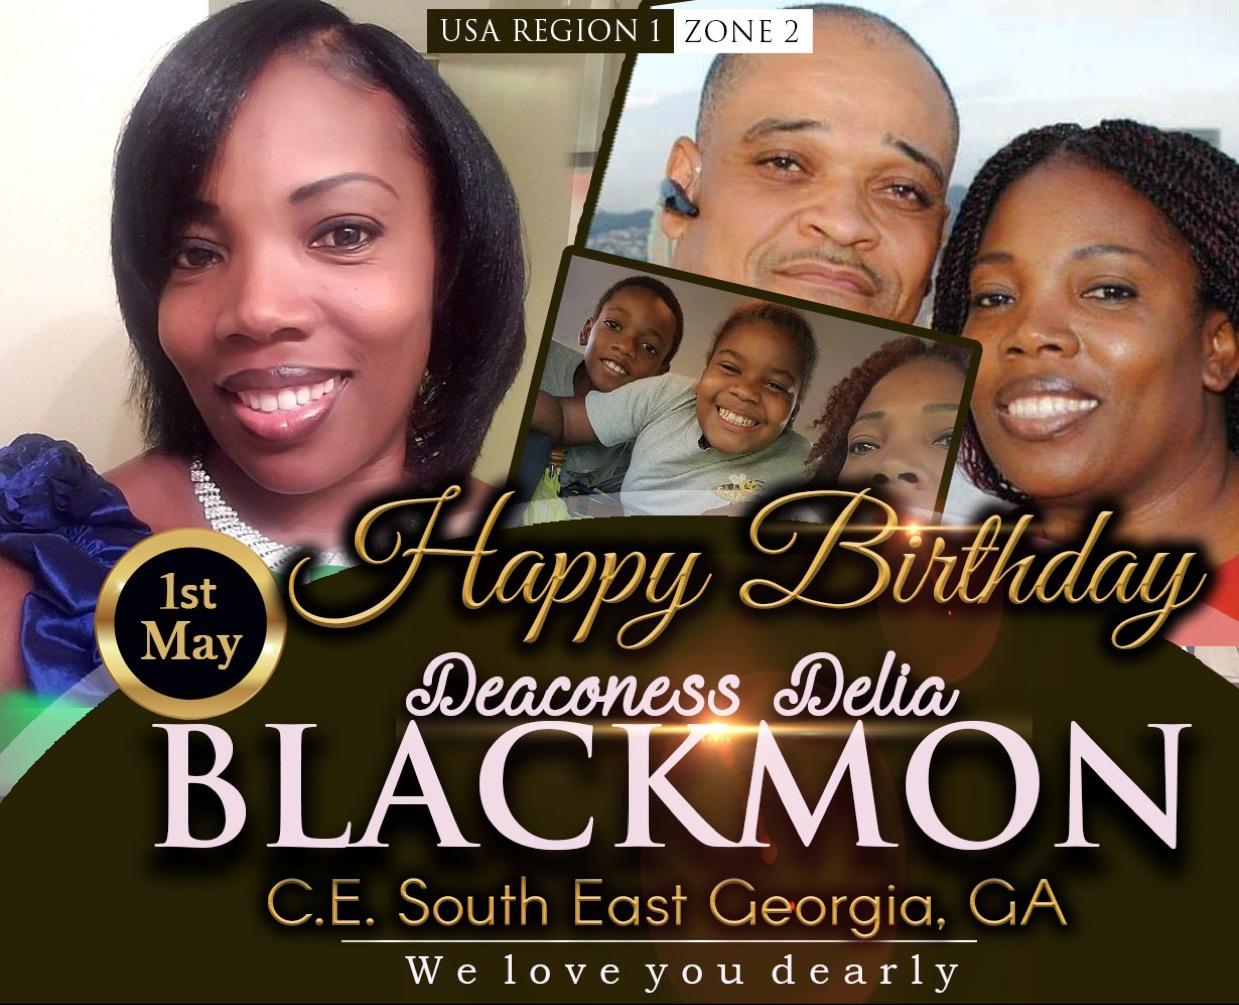 Happy Birthday Deaconess Delia Blackmon